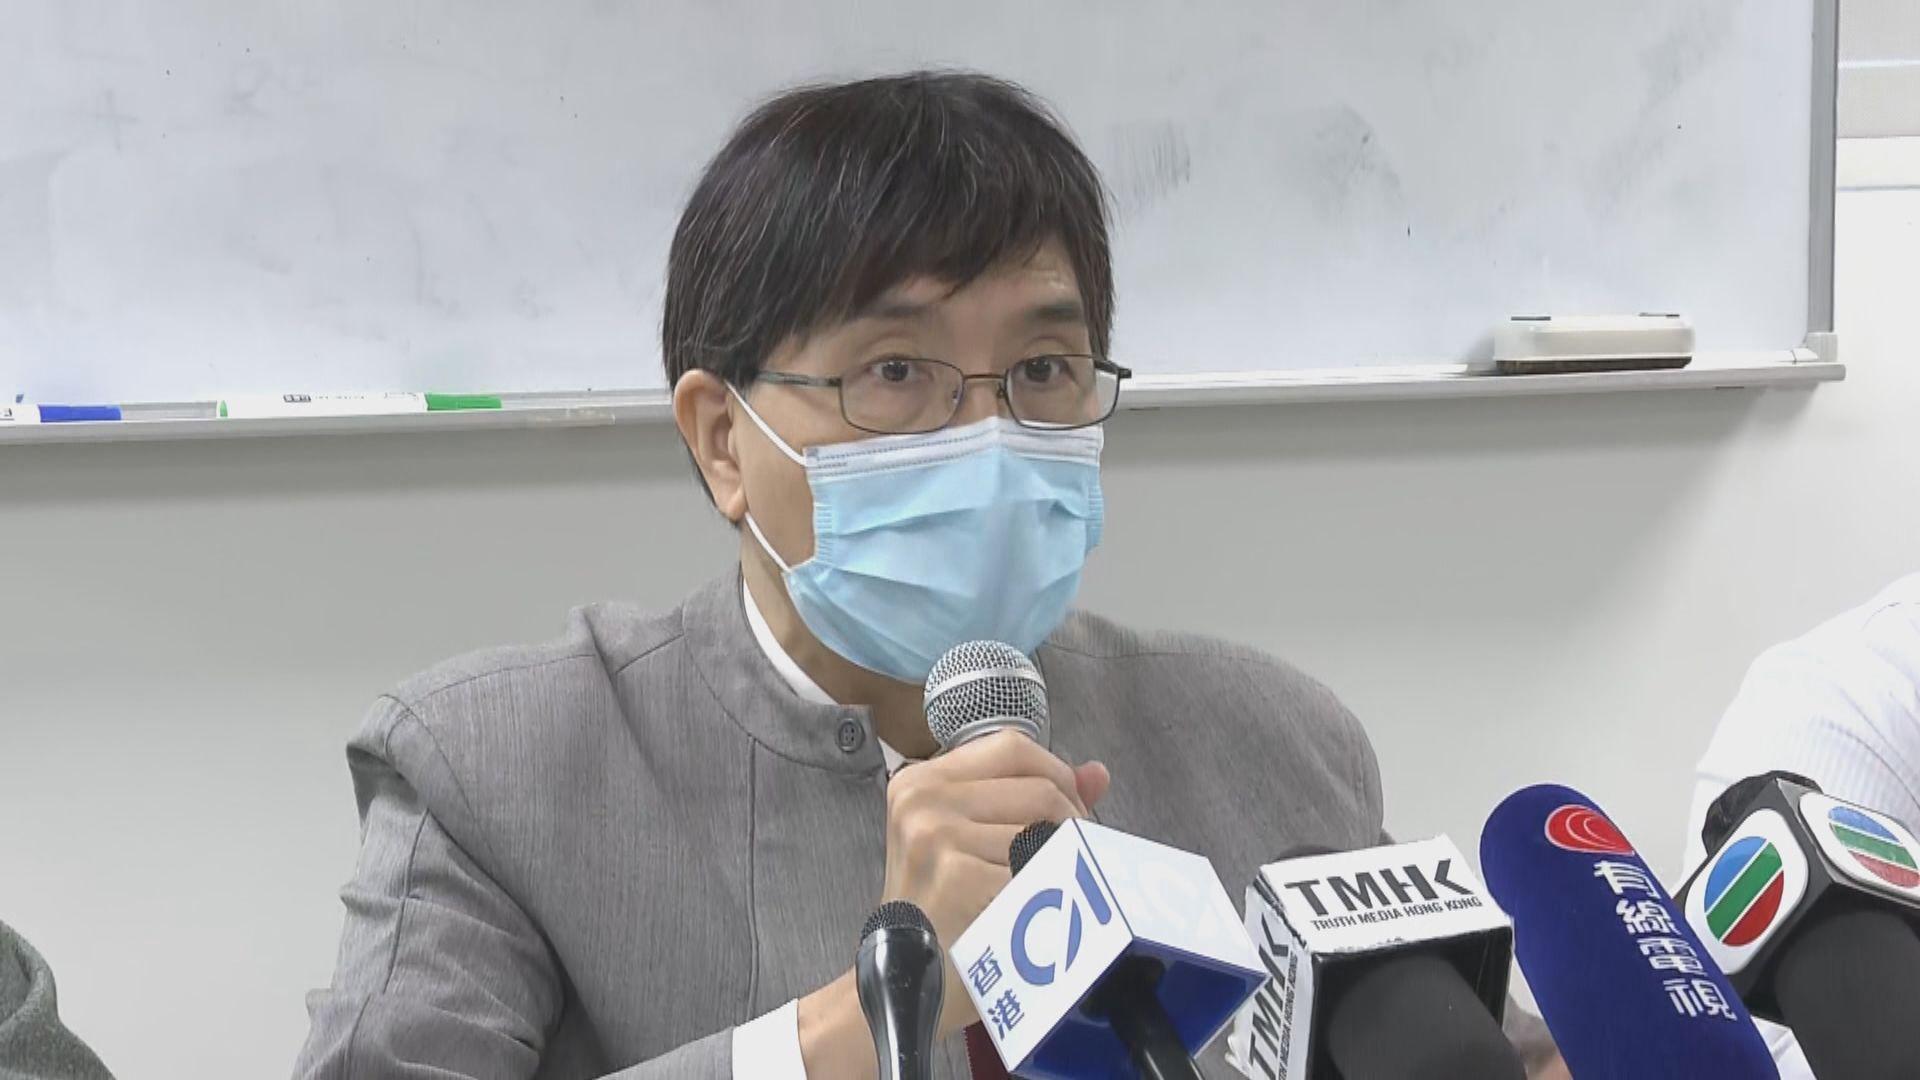 袁國勇:新冠病毒較沙士更快在肺部複製 疫情無可能七月前消失